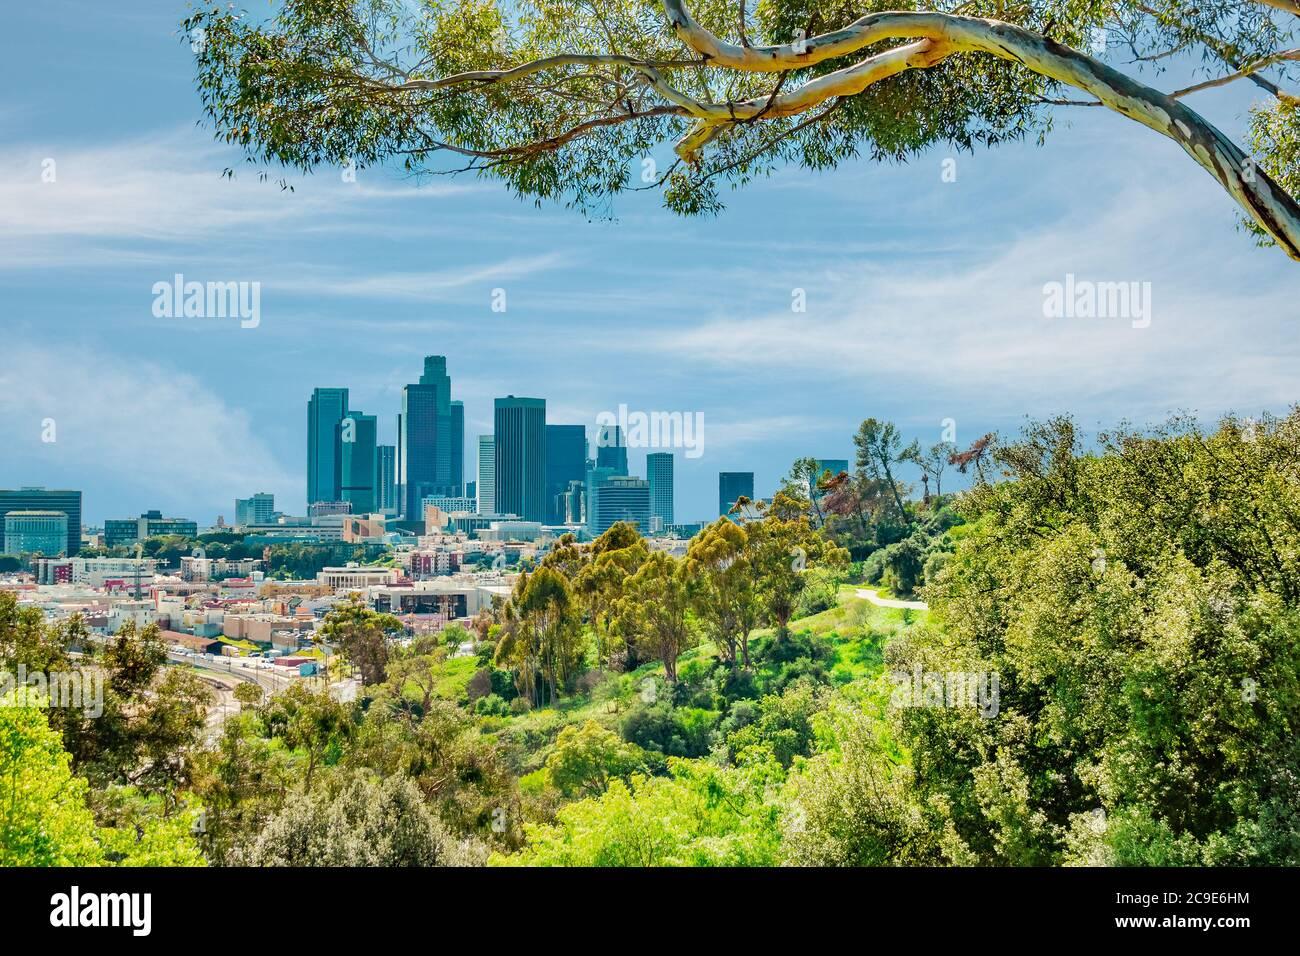 Une vue pleine d'arbres au sommet d'une colline sur les gratte-ciel de Los Angeles montre des gratte-ciel, et plusieurs types d'entreprises. Les collines et les arbres font partie de l'immense E Banque D'Images